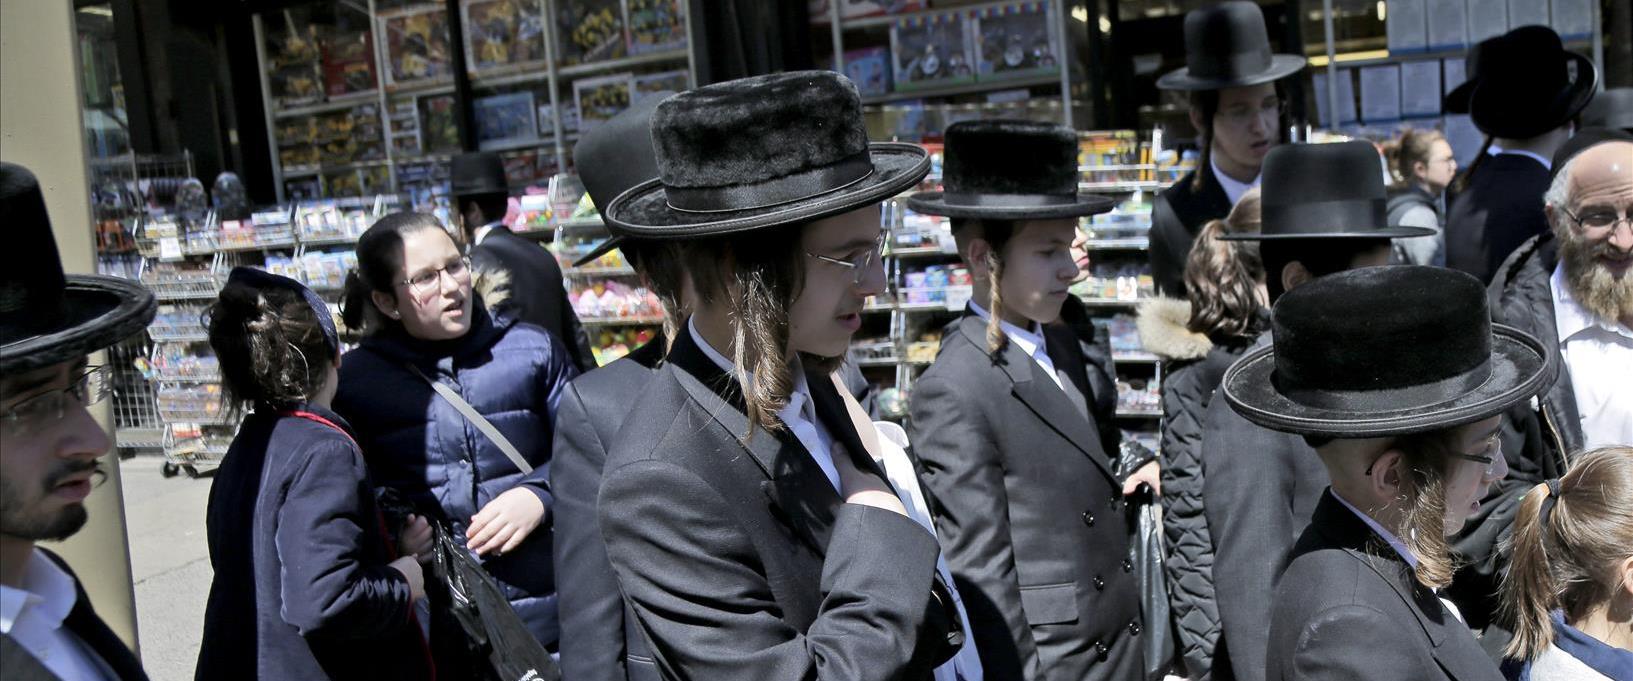 יהודים בשכונת ויליאמסבורג, ניו יורק